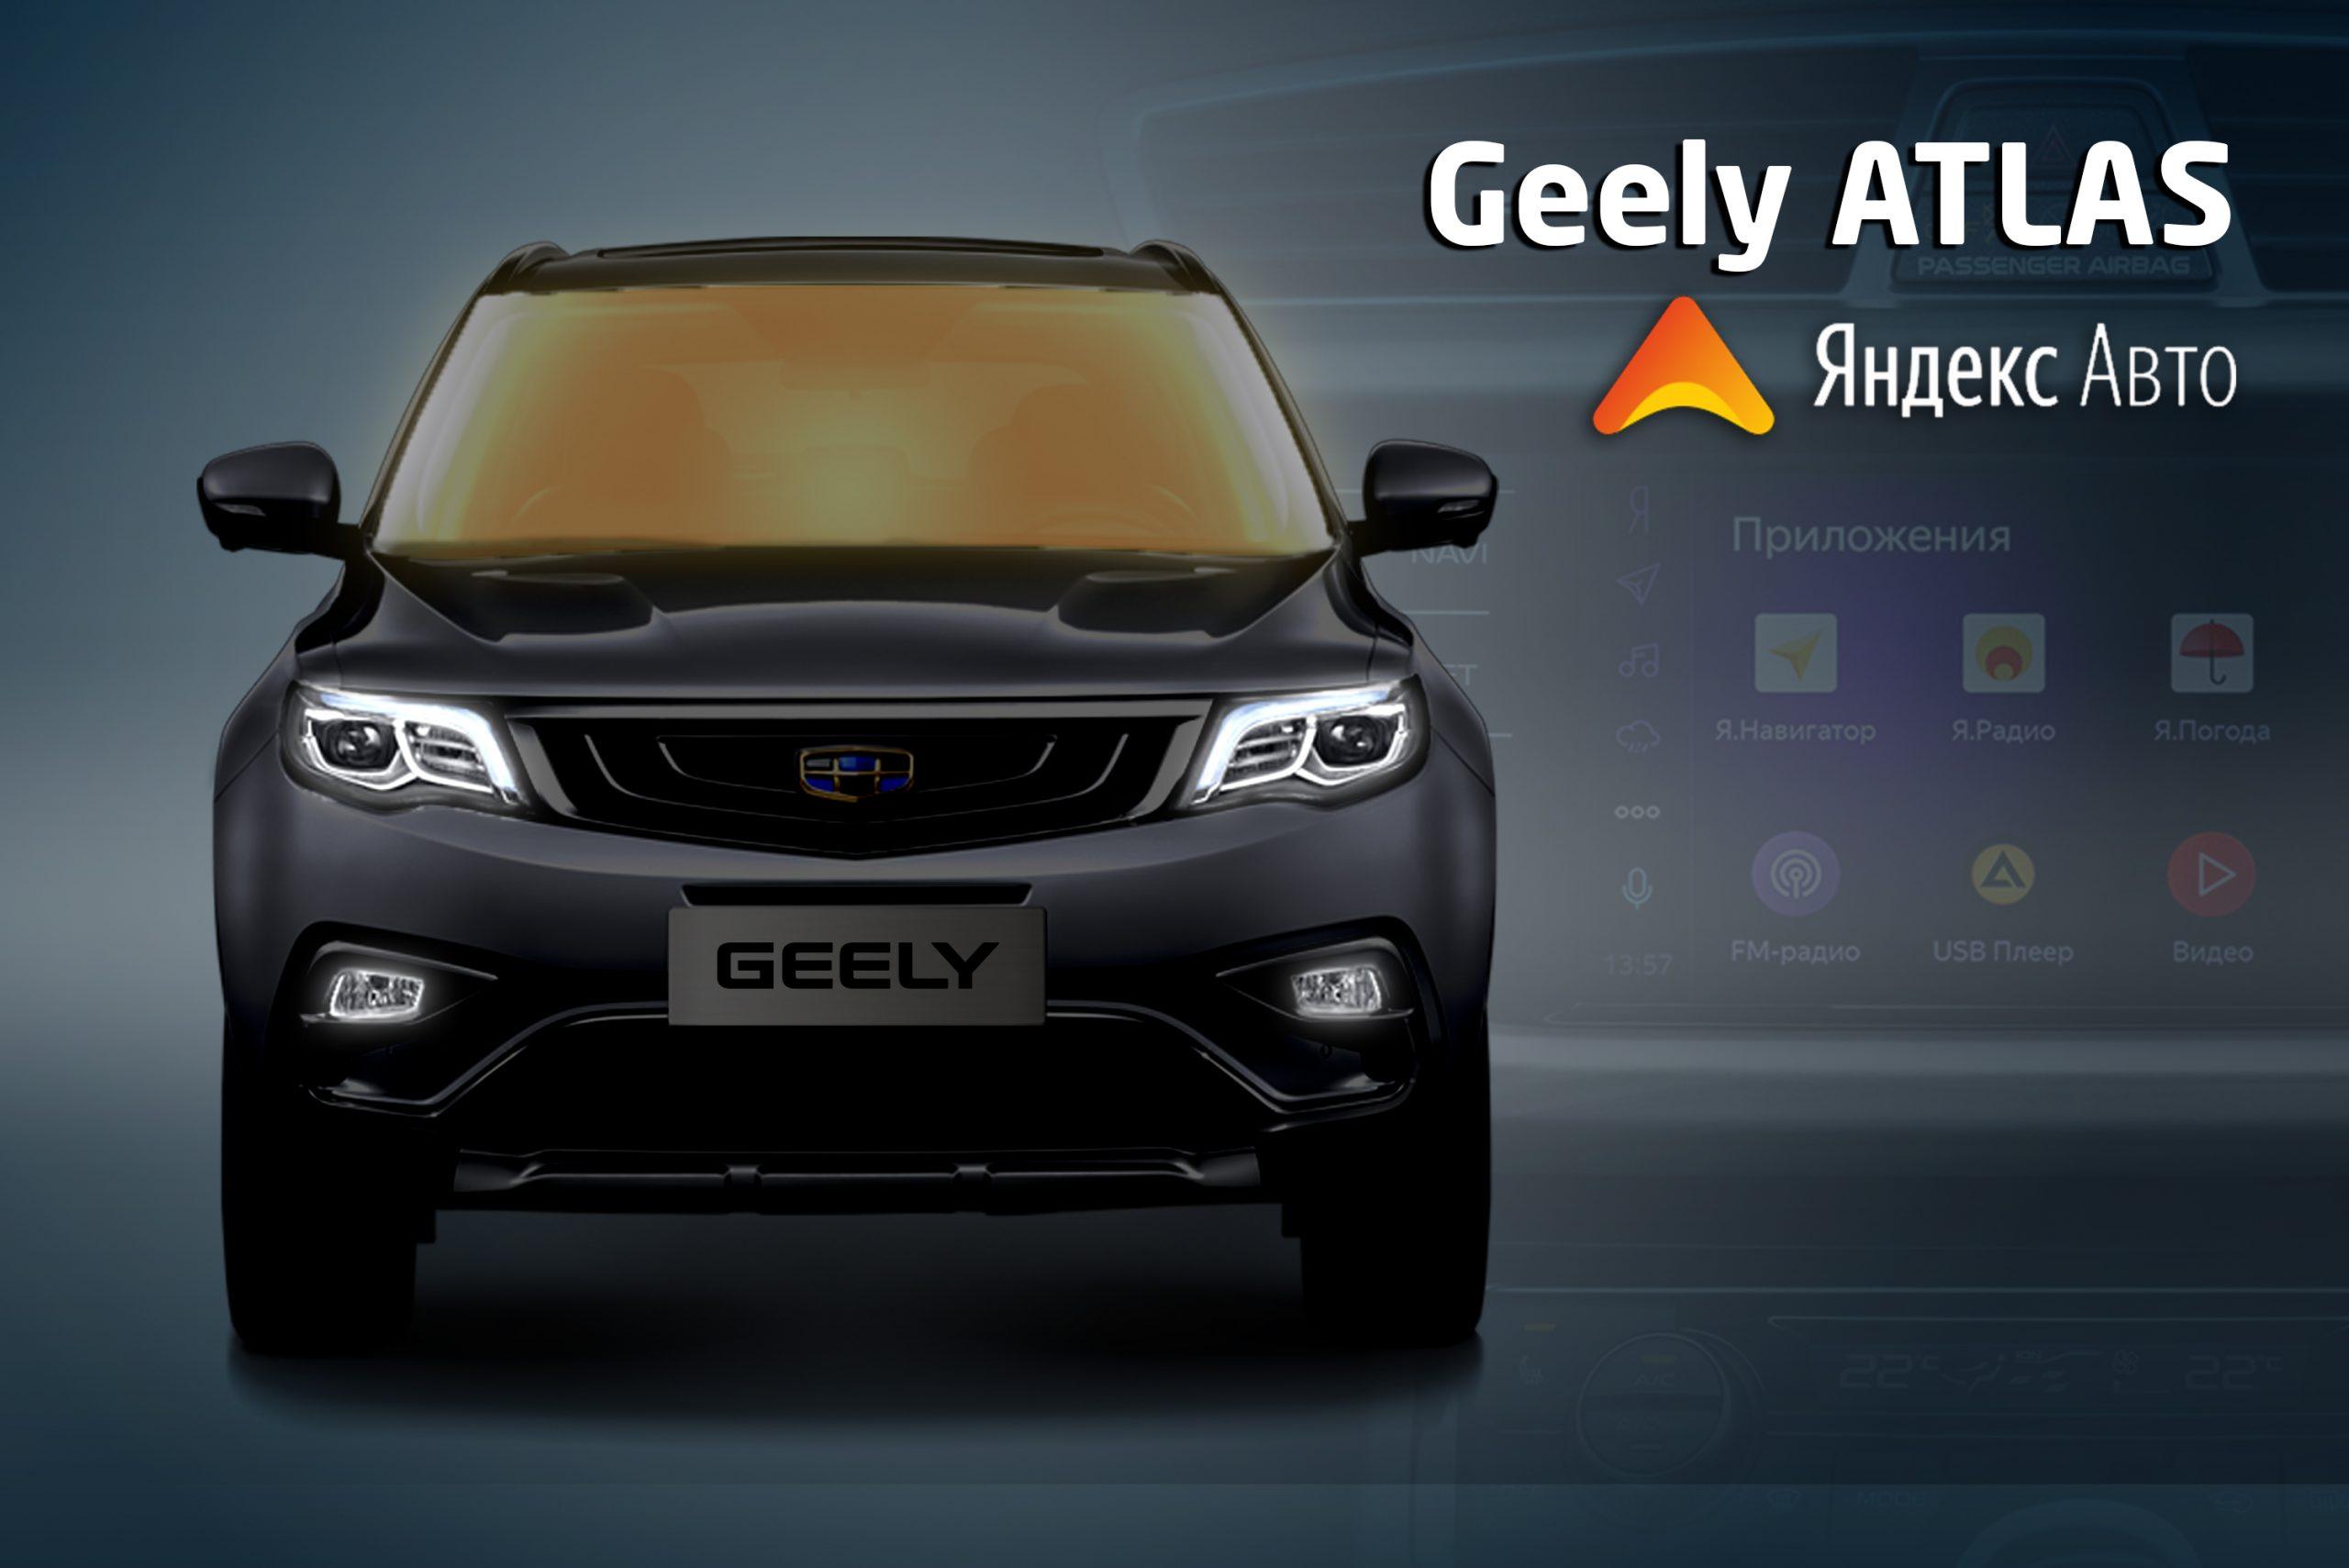 Geely ATLAS теперь с Яндекс.Авто